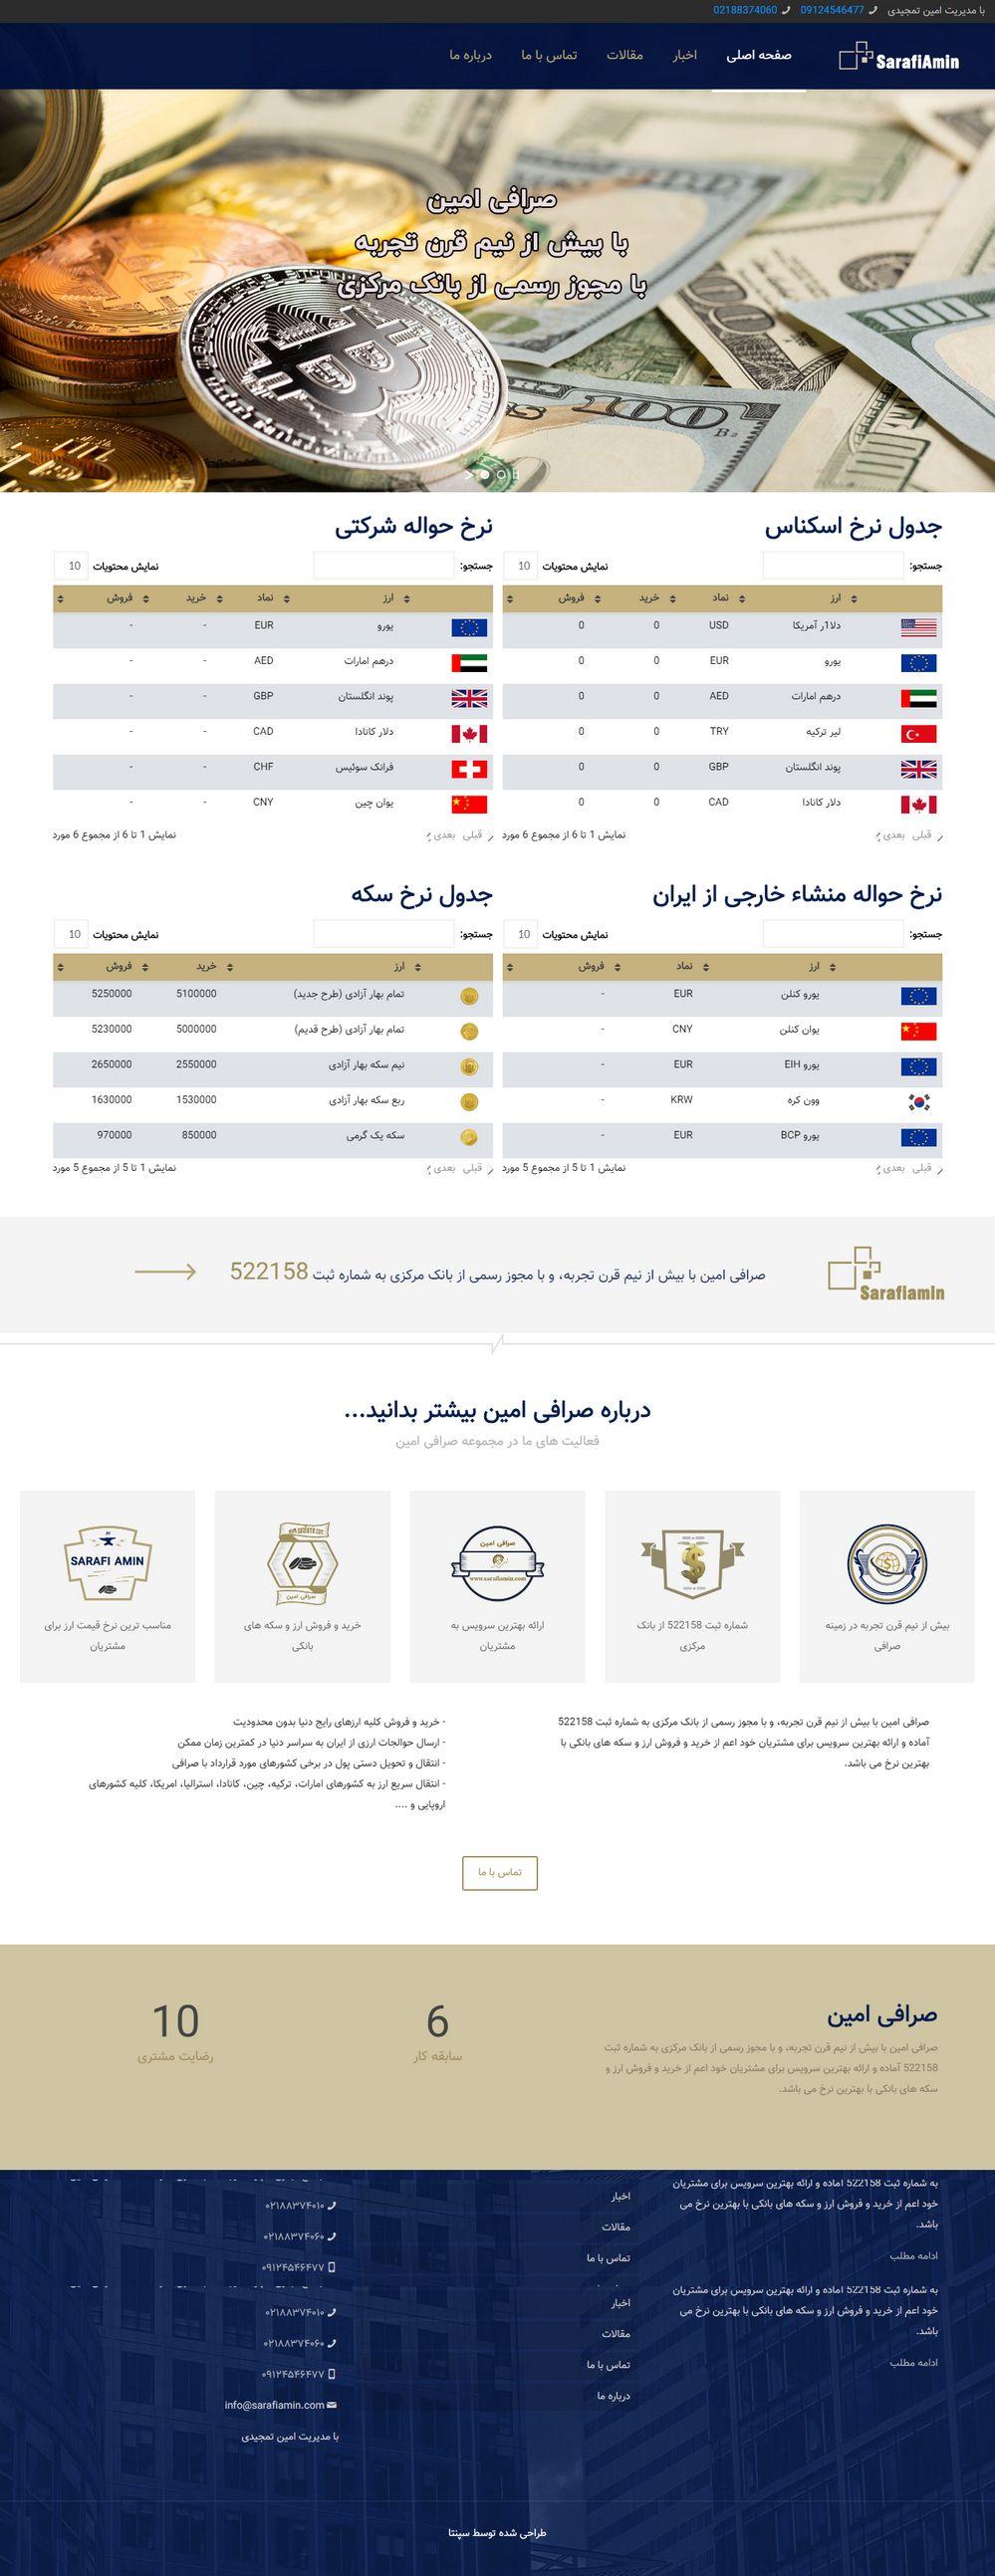 طراحی سایت صرافی امین